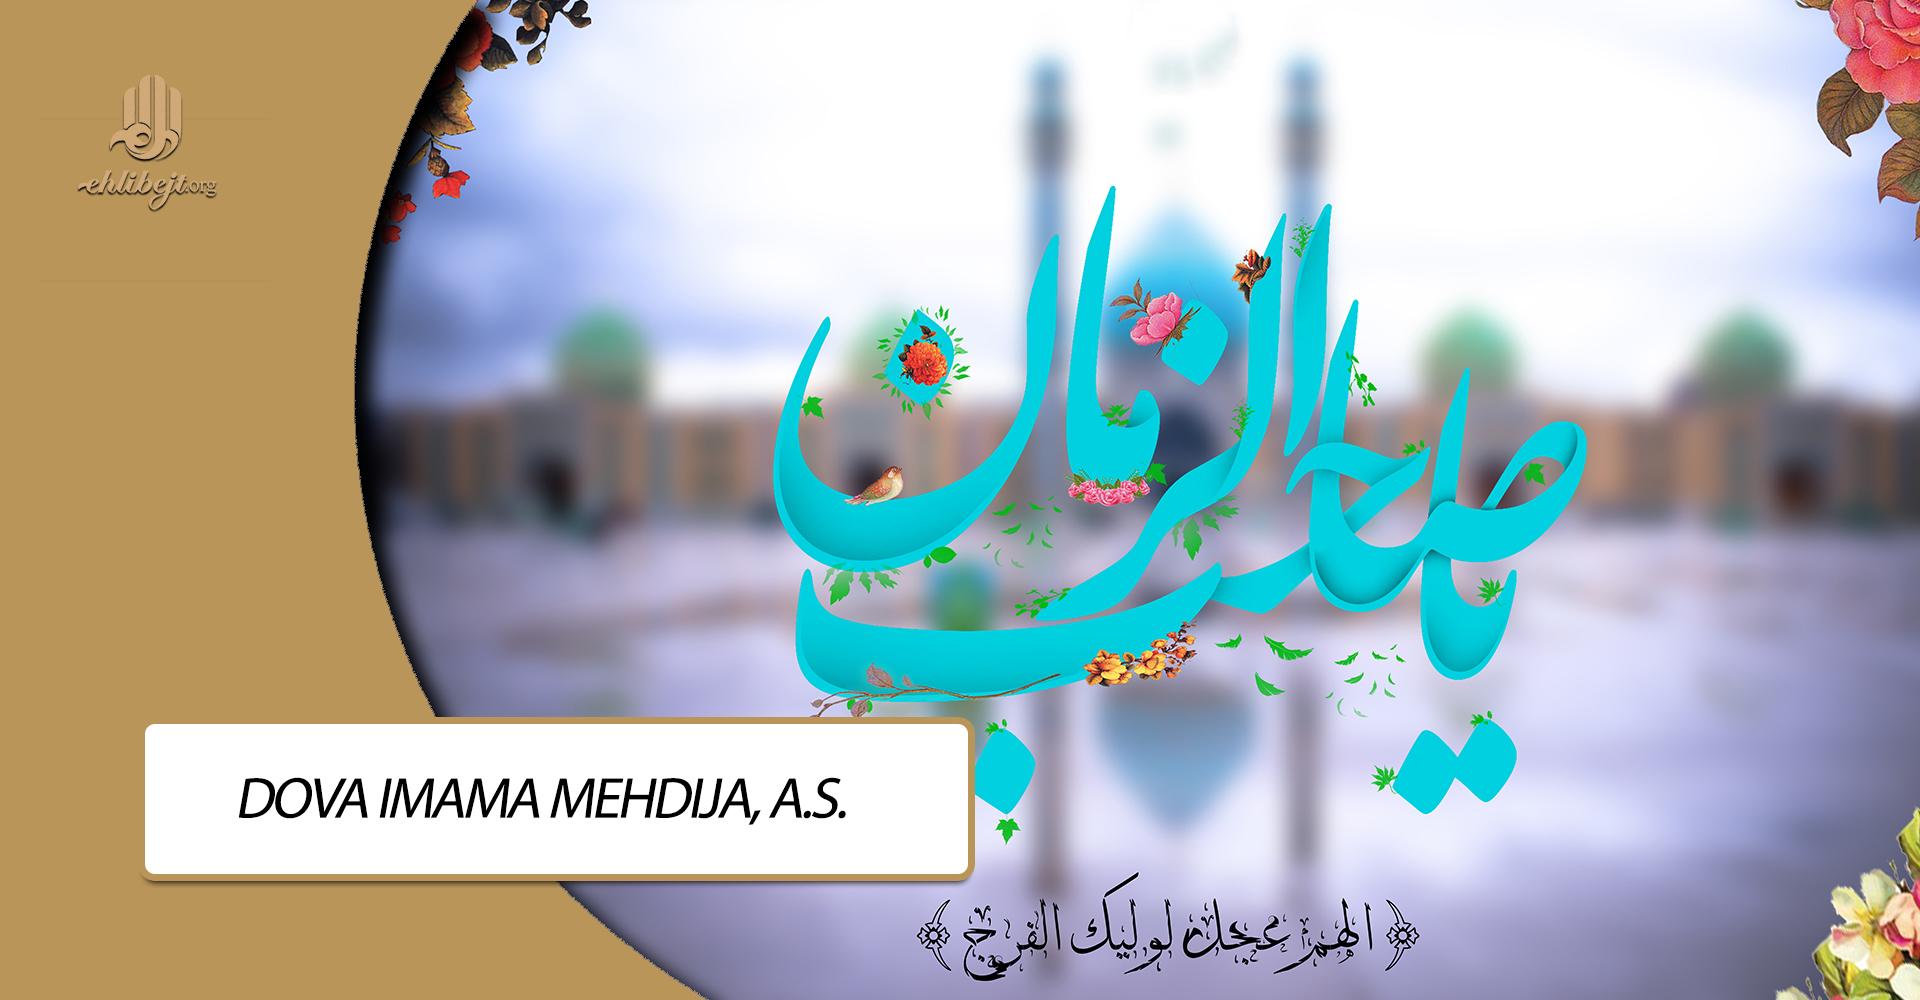 Dova Imama Mehdija, a.s.